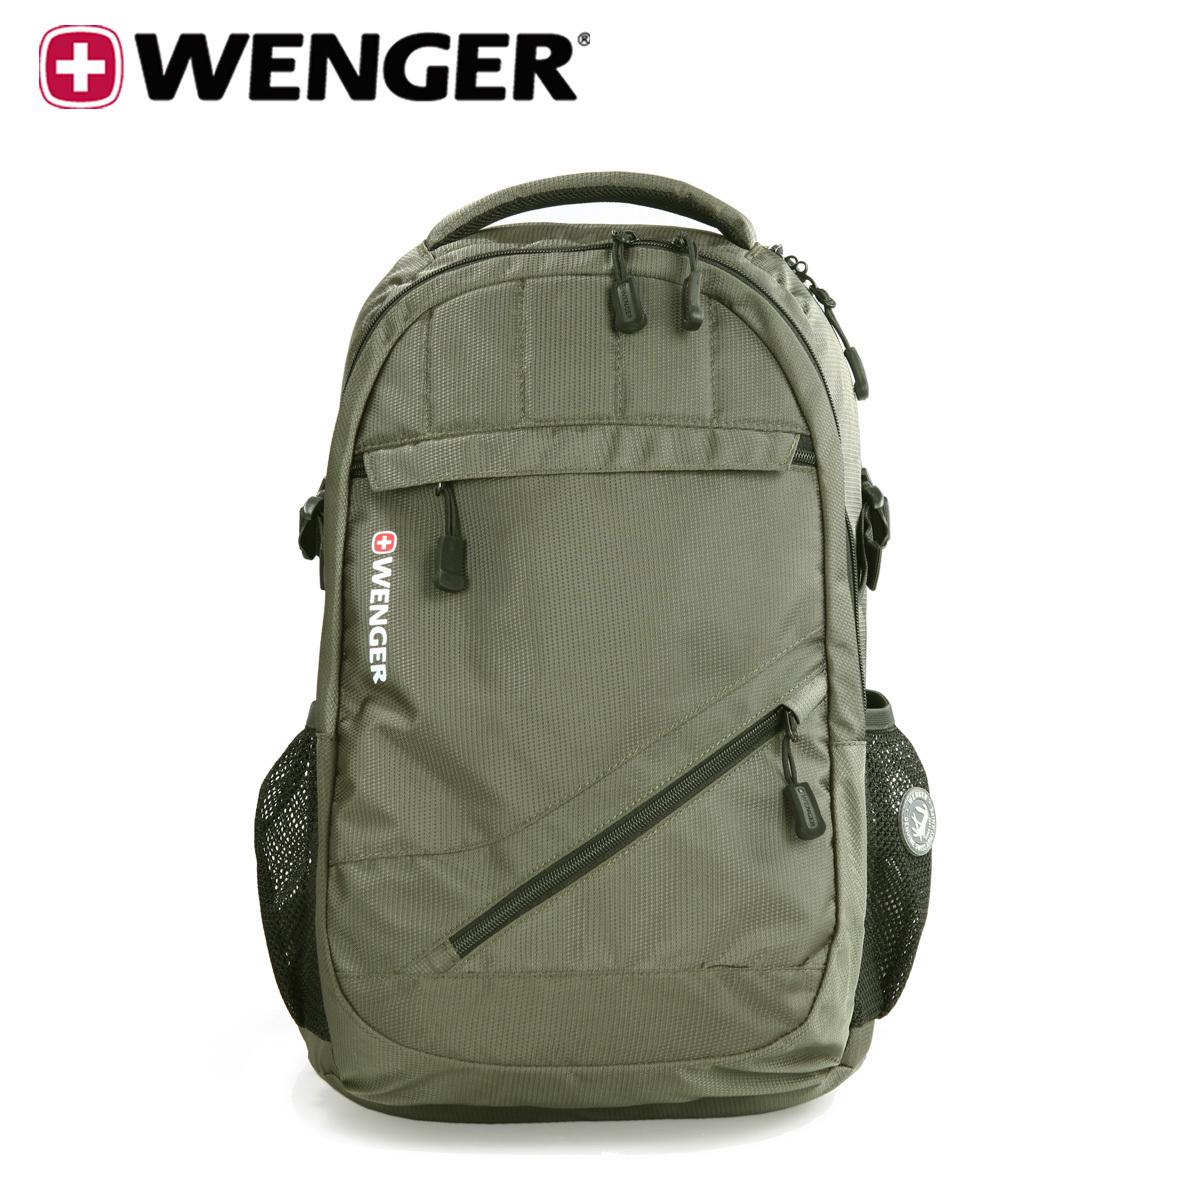 爆款 商务时尚瑞士军刀威戈Wenger 15寸双肩包 电脑背包